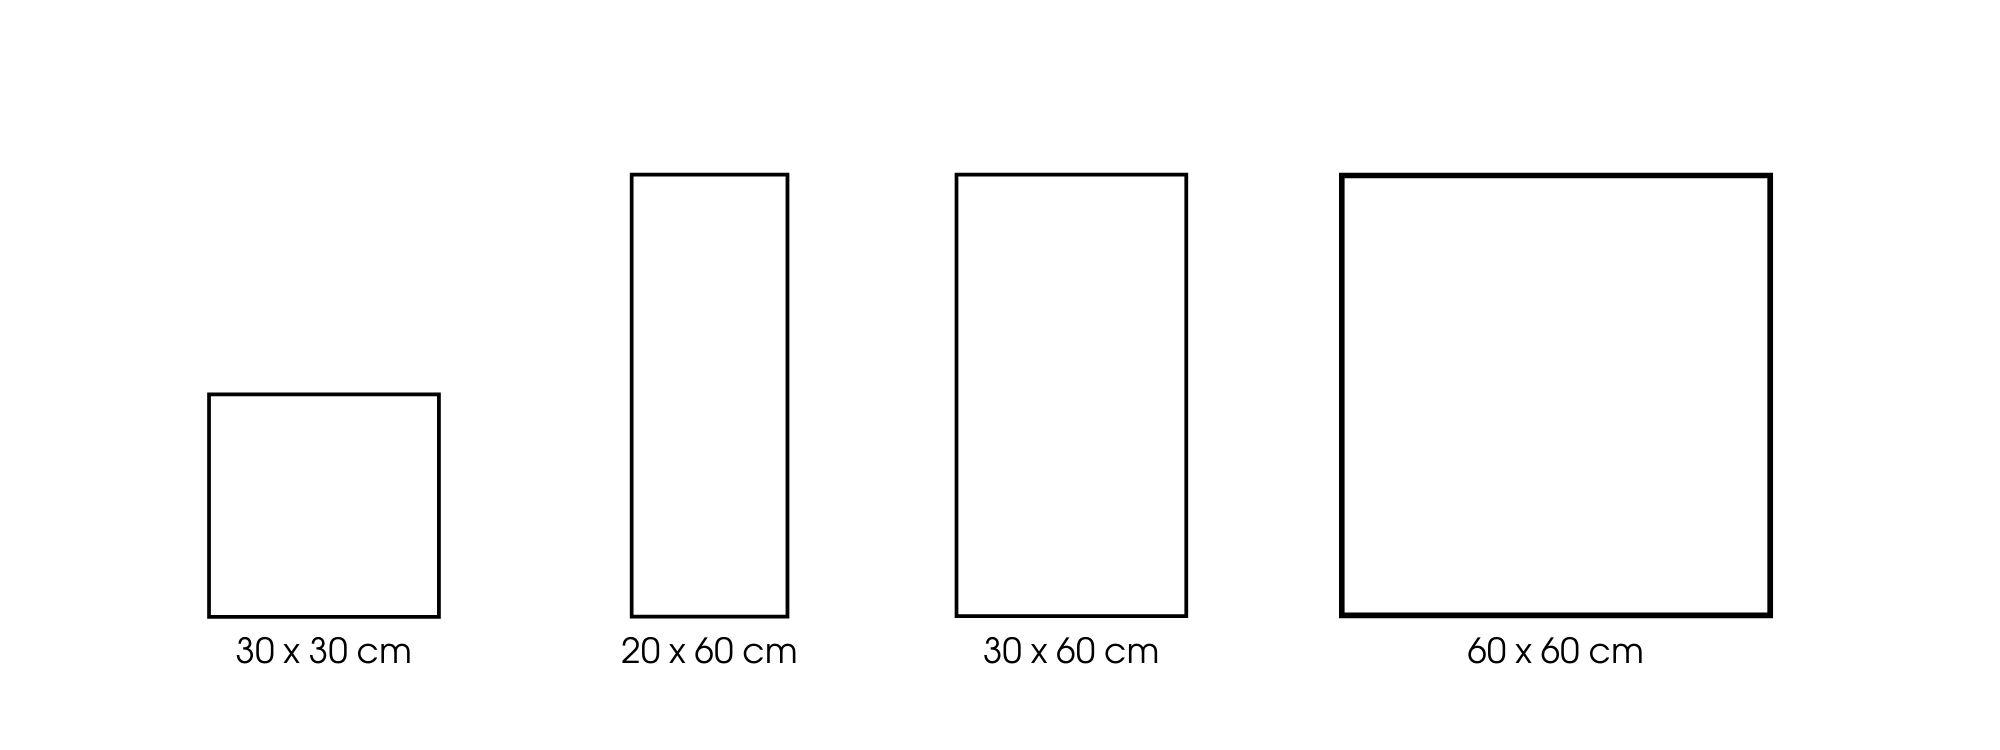 Größen Architektur 1